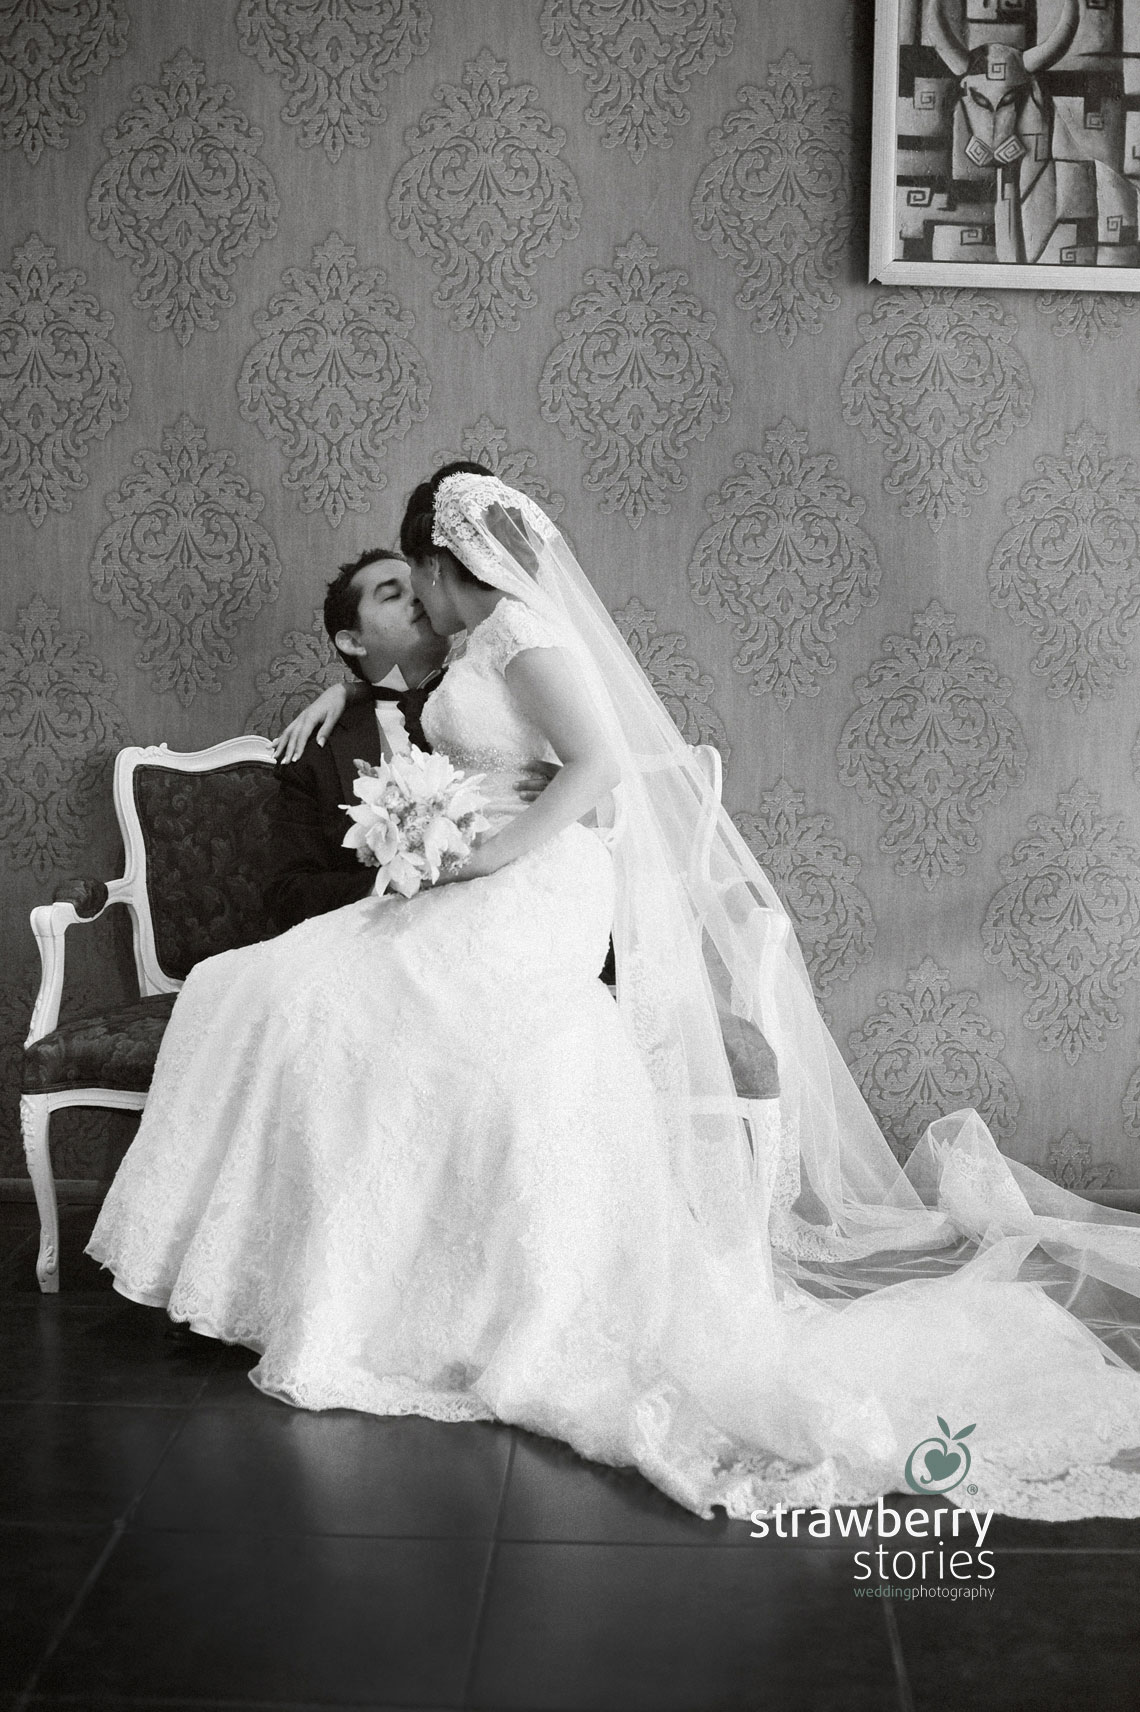 El novio y la novia dando un beso, fotografia de boda artistica de Denisse y Emilio en Aguascalientes